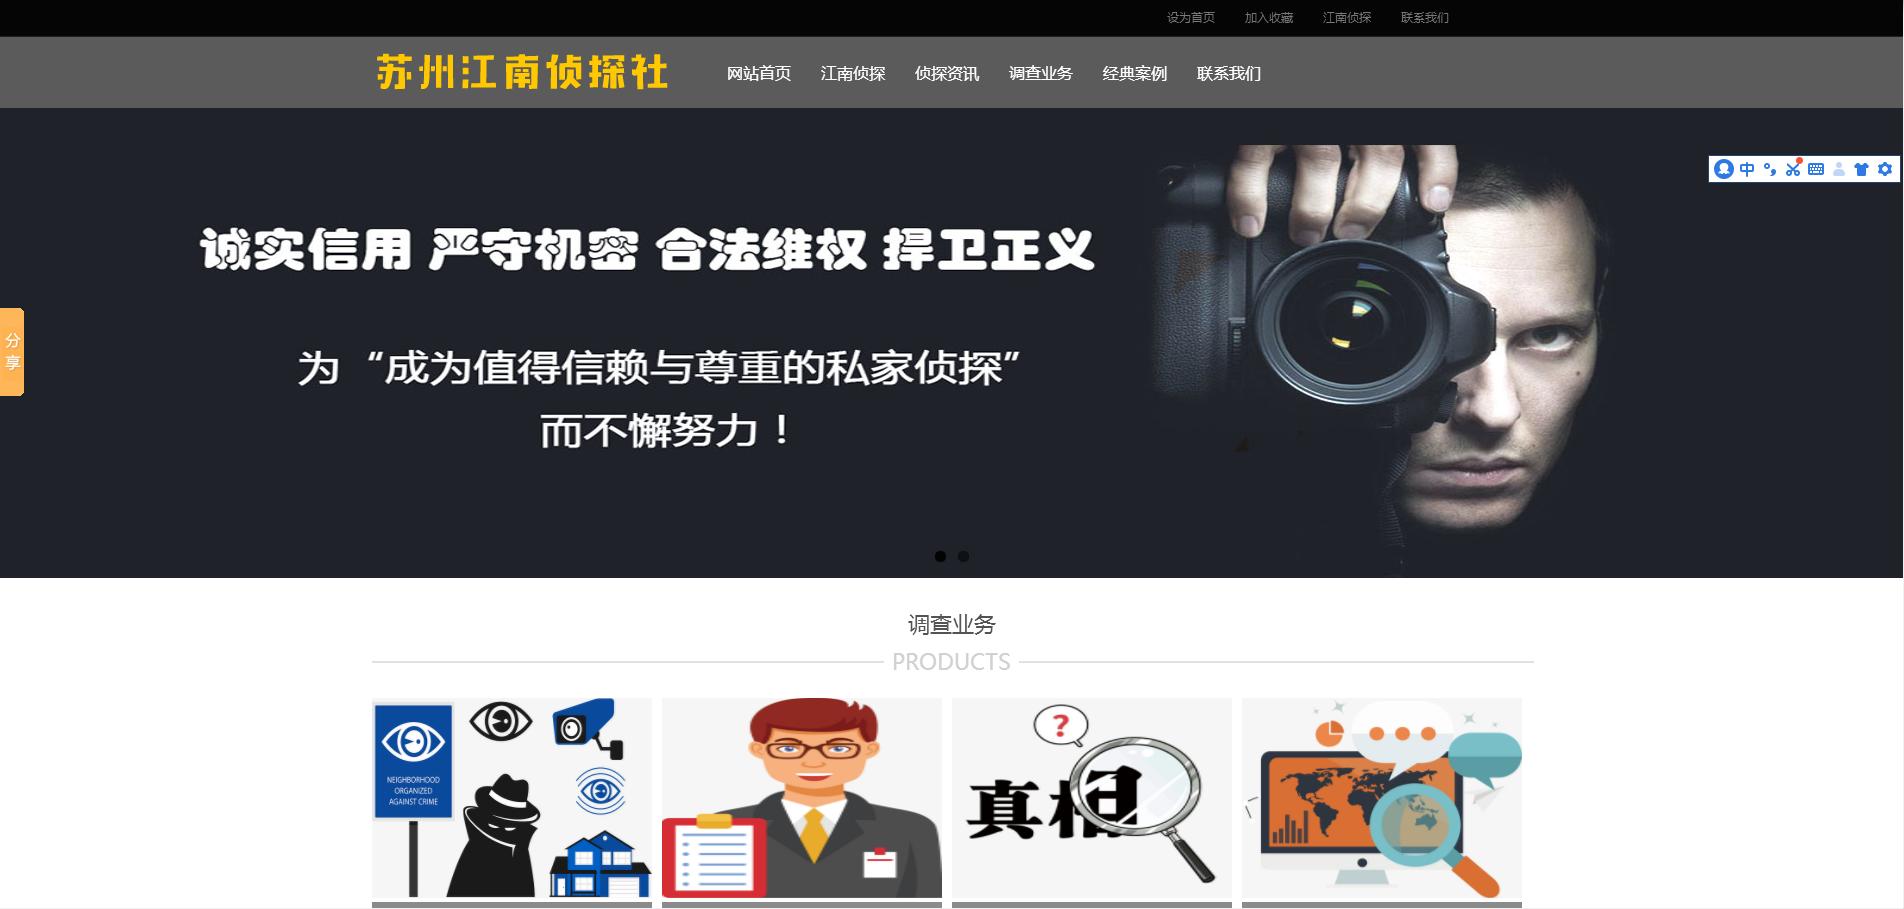 苏州江南侦探社网站建设成功案例